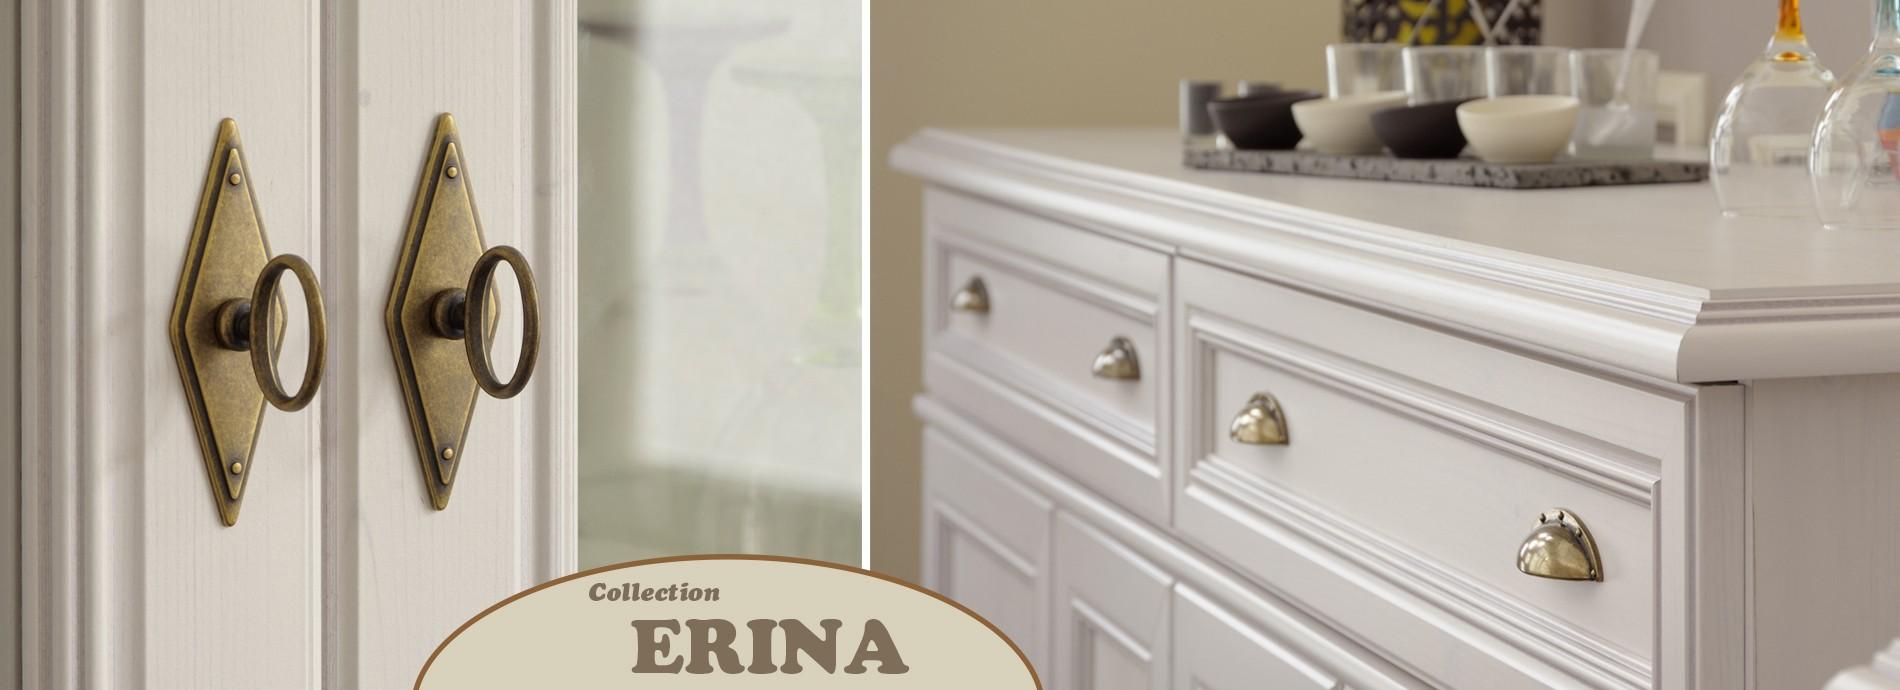 Collection salle à manger complète ERINA